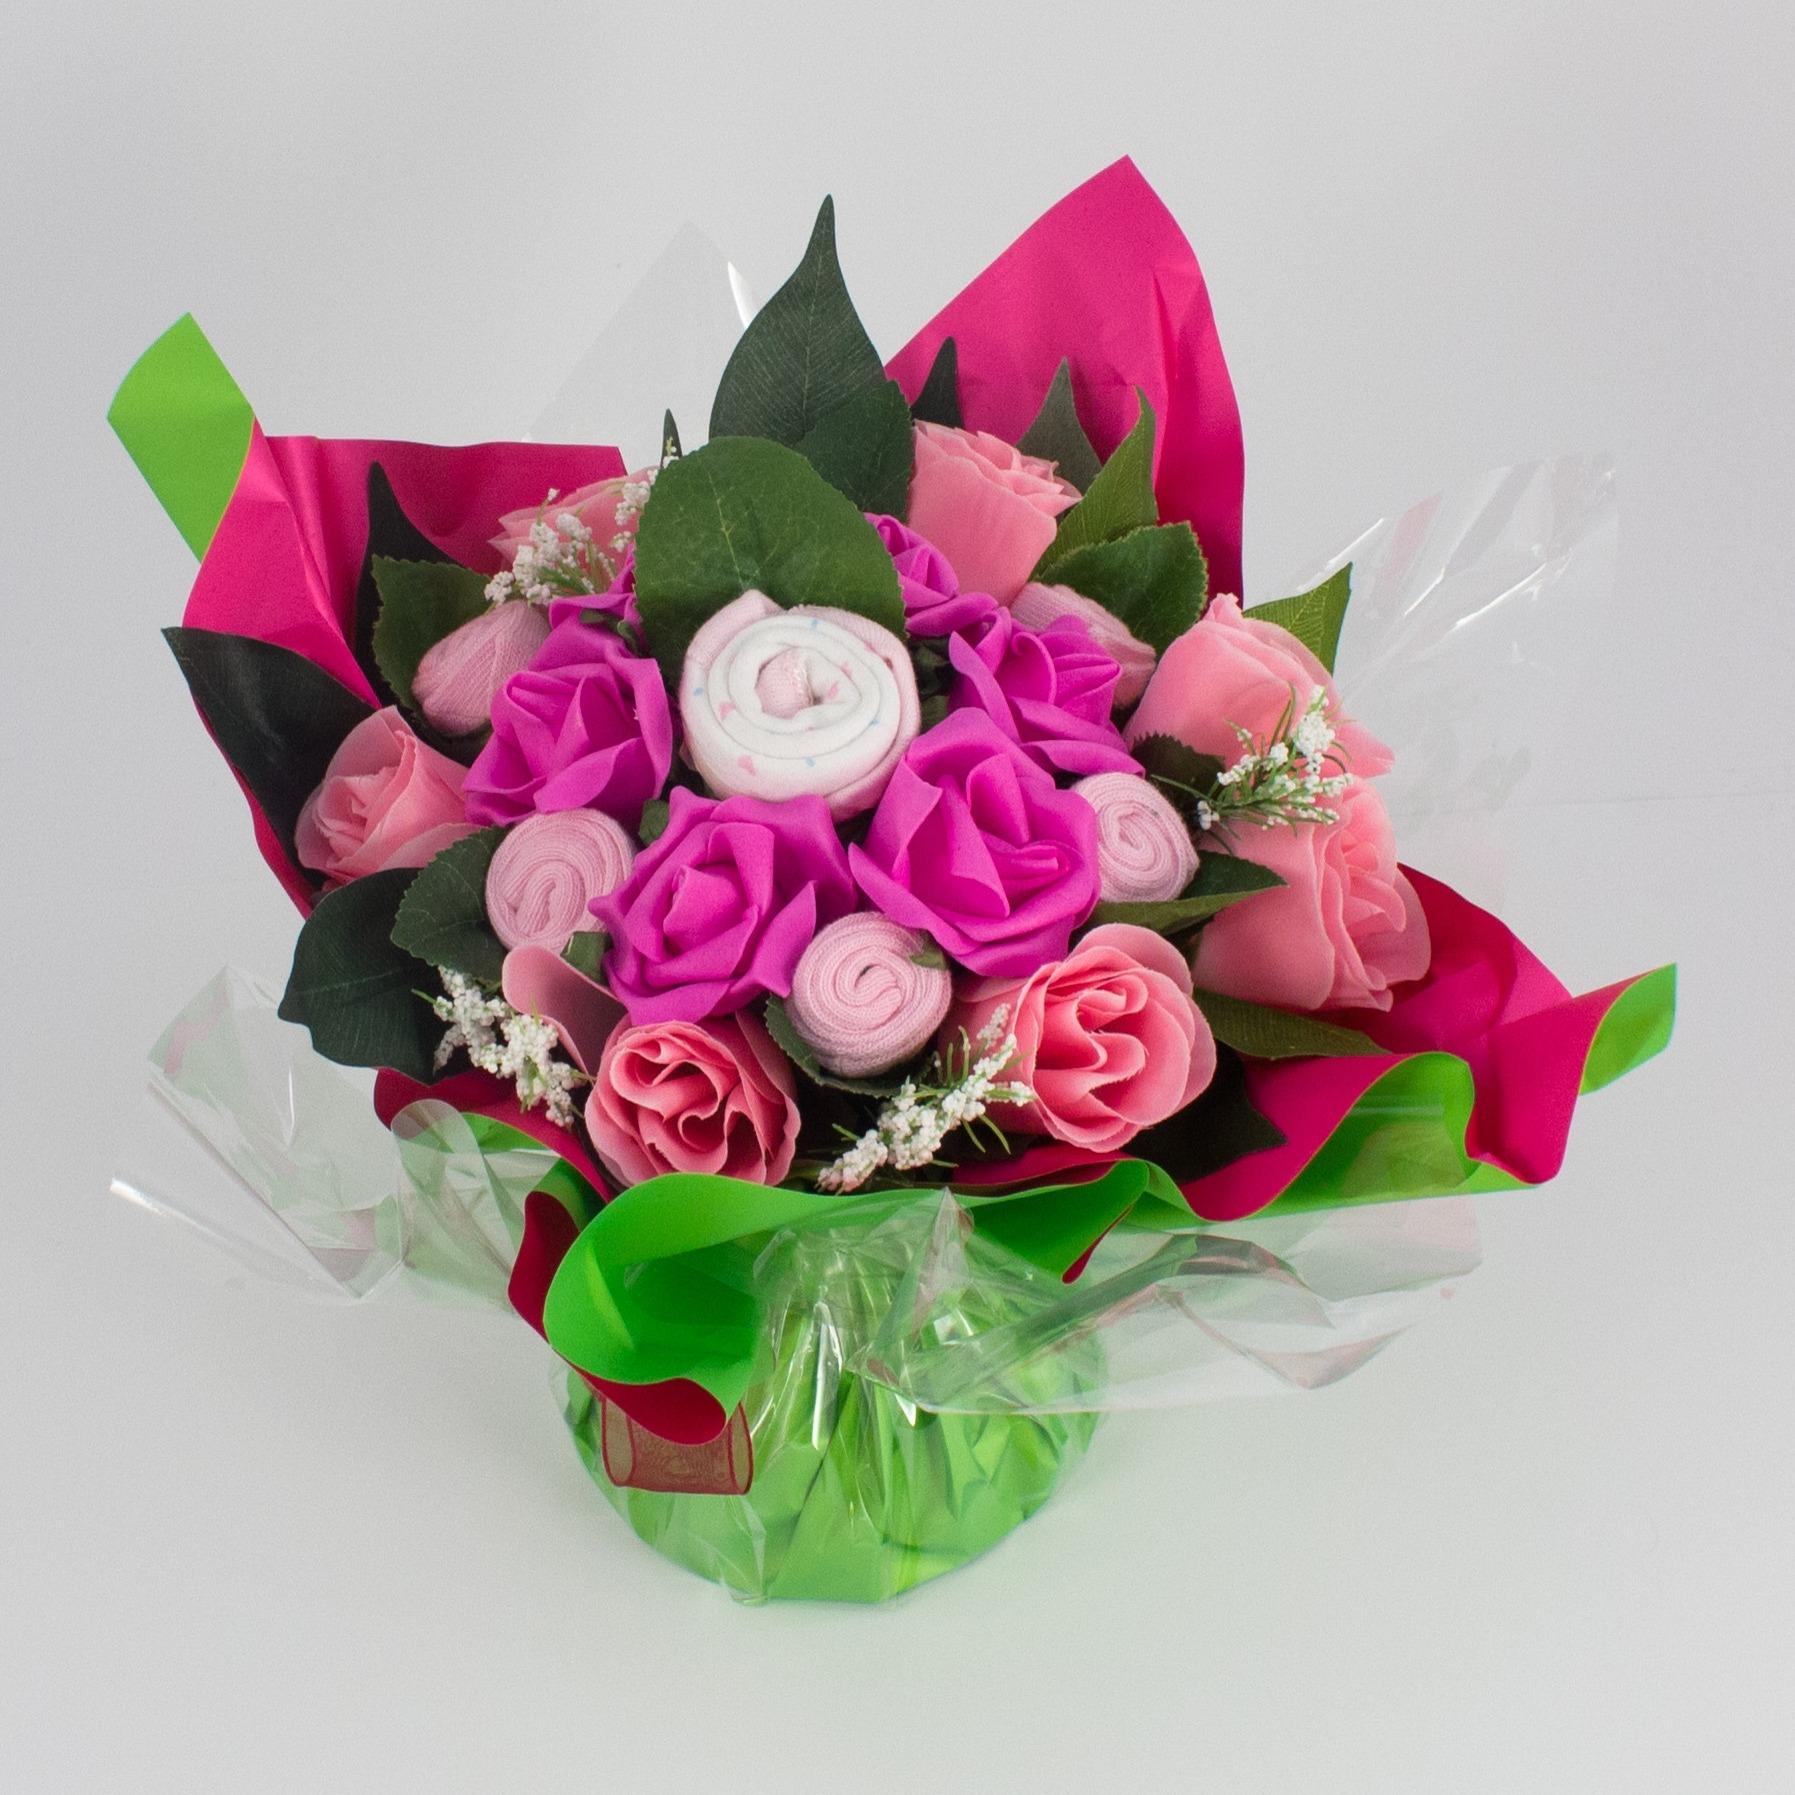 Le bouquet de layette ou bouquet b b le blog de fripoune for Bouquet de fleurs xxl